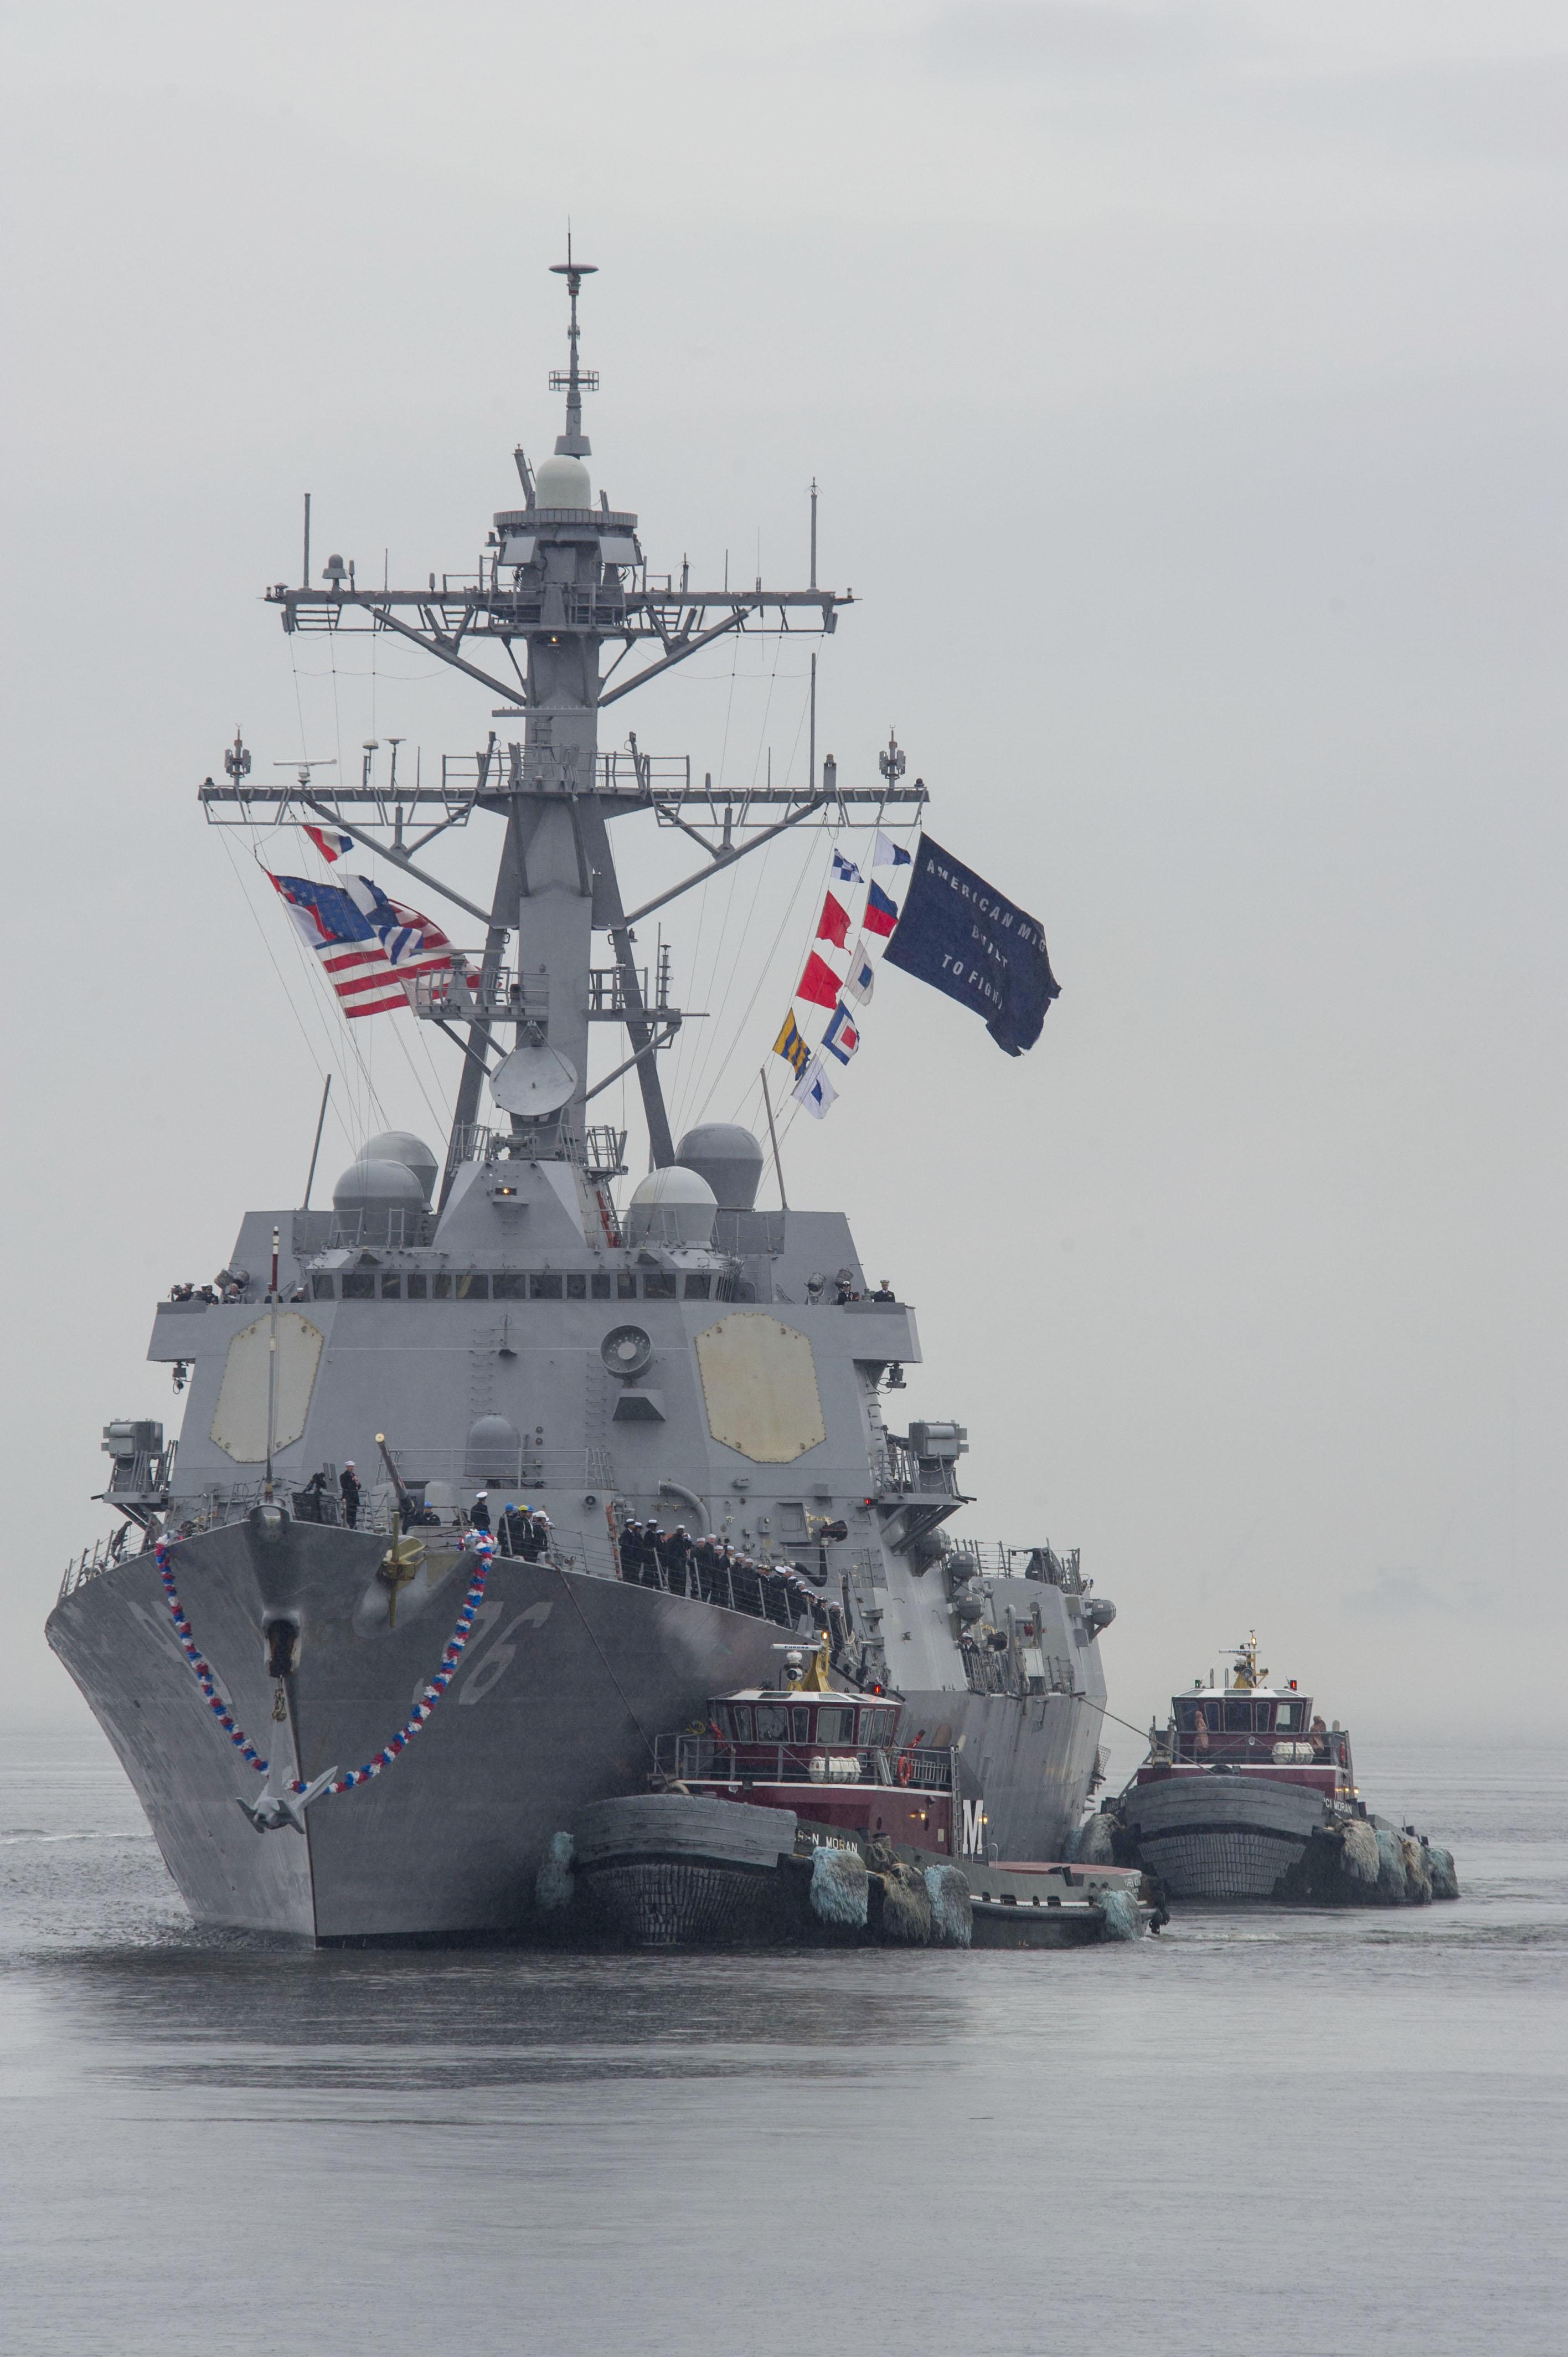 USS BAINBRIDGE DDG-96 Einlaufen Norfolk am 14.01.2014 Bild: U.S. Navy